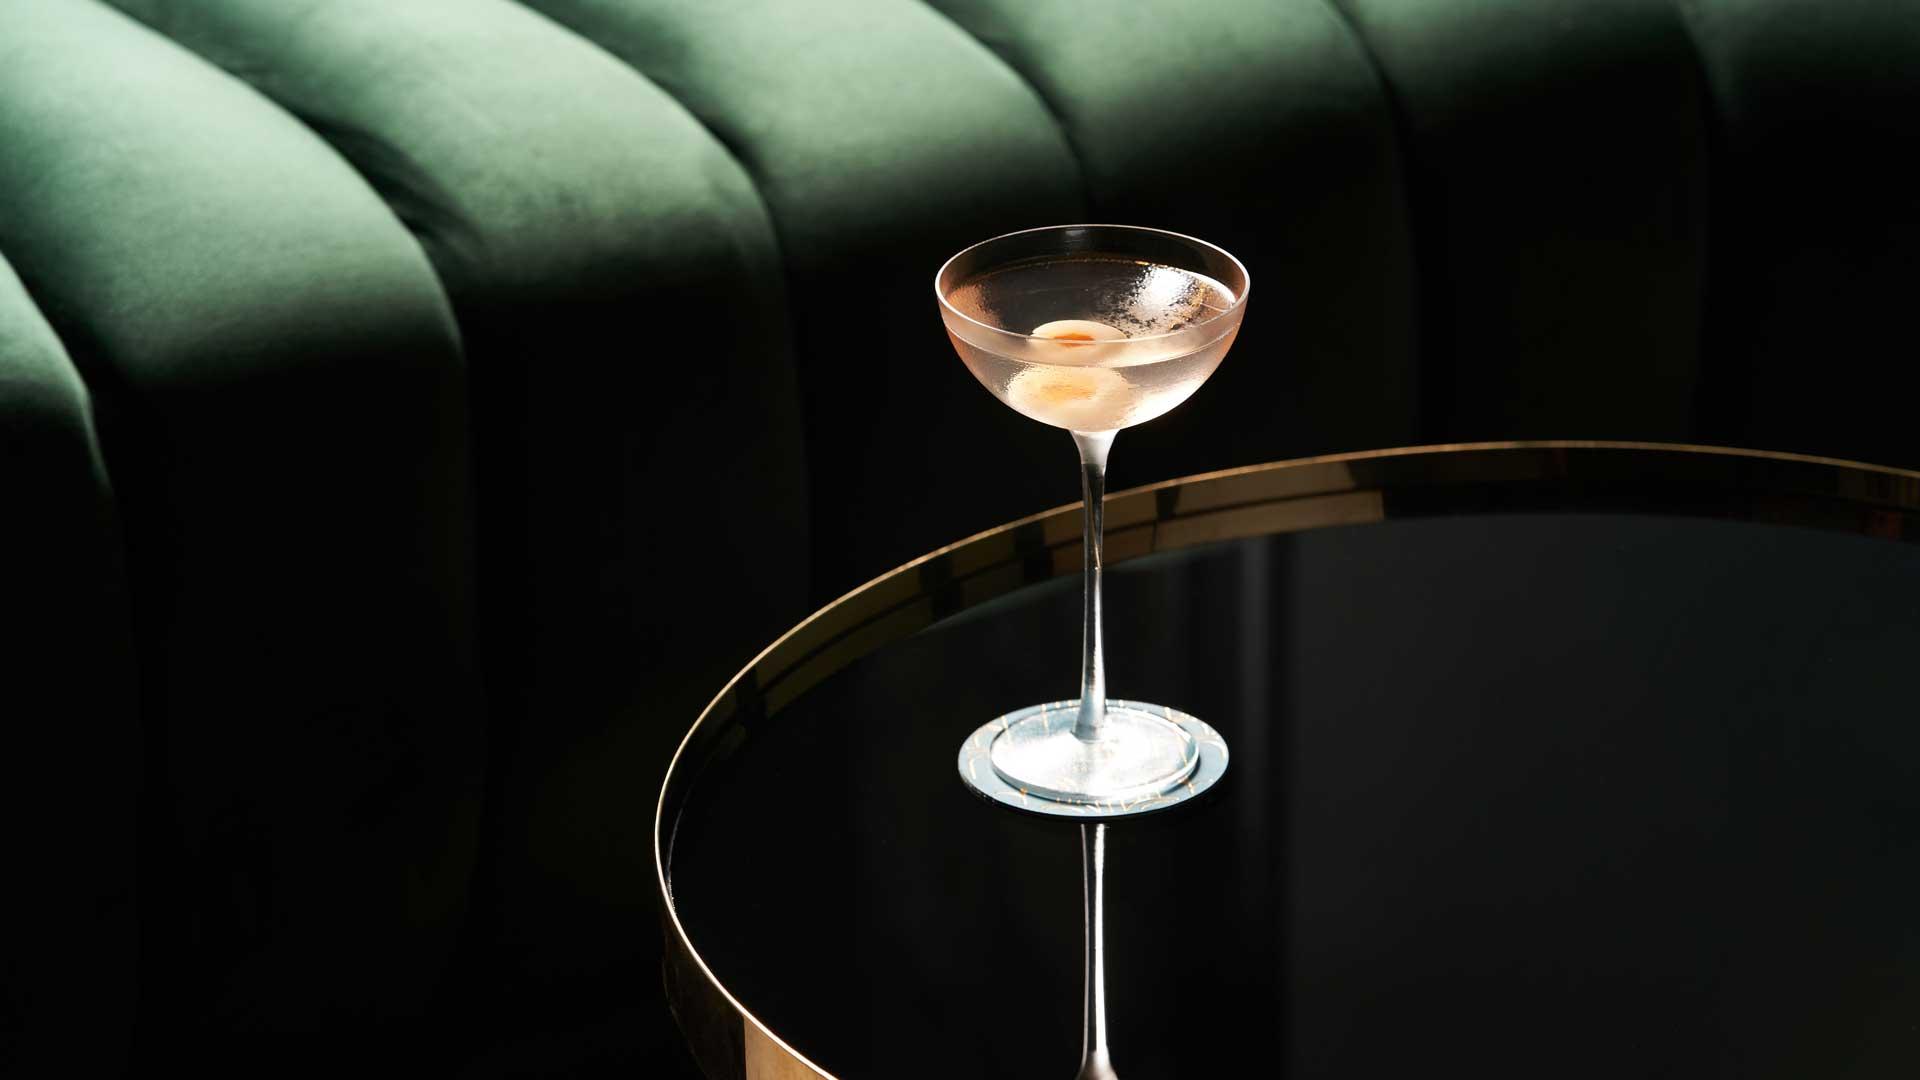 cocktail-più-cercati-su-Google-Martini-Gibson-Coqtail-Milano